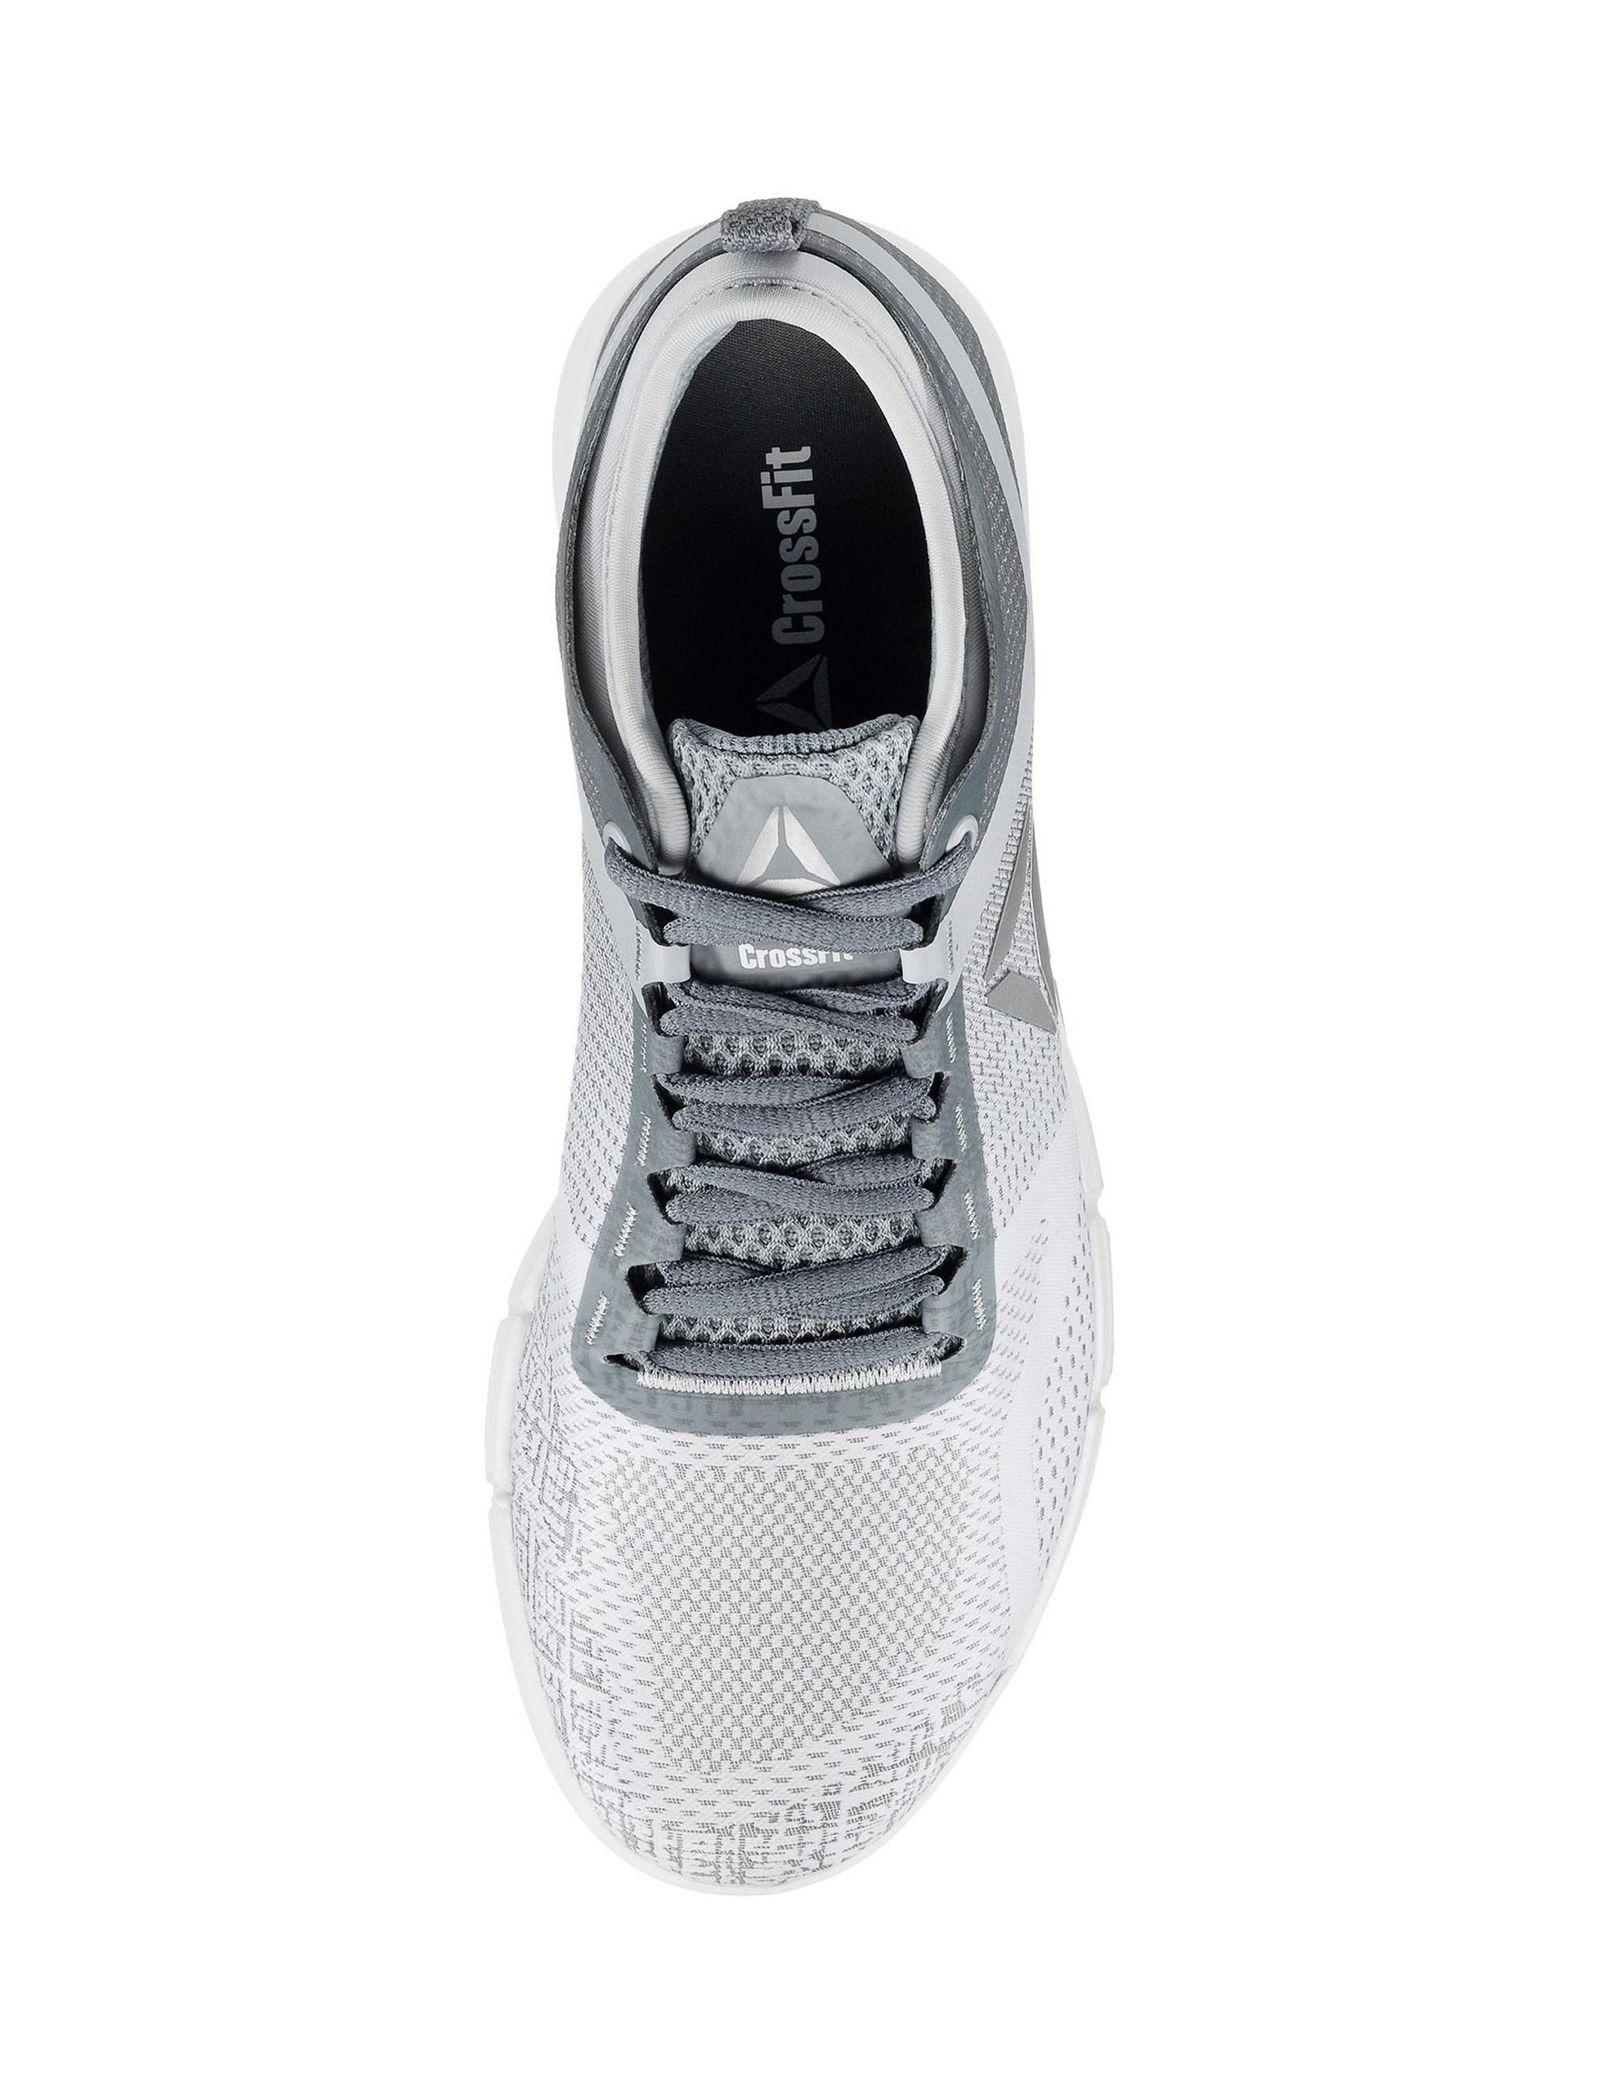 کفش تمرین بندی زنانه CrossFit Grace - ریباک - طوسي - 5